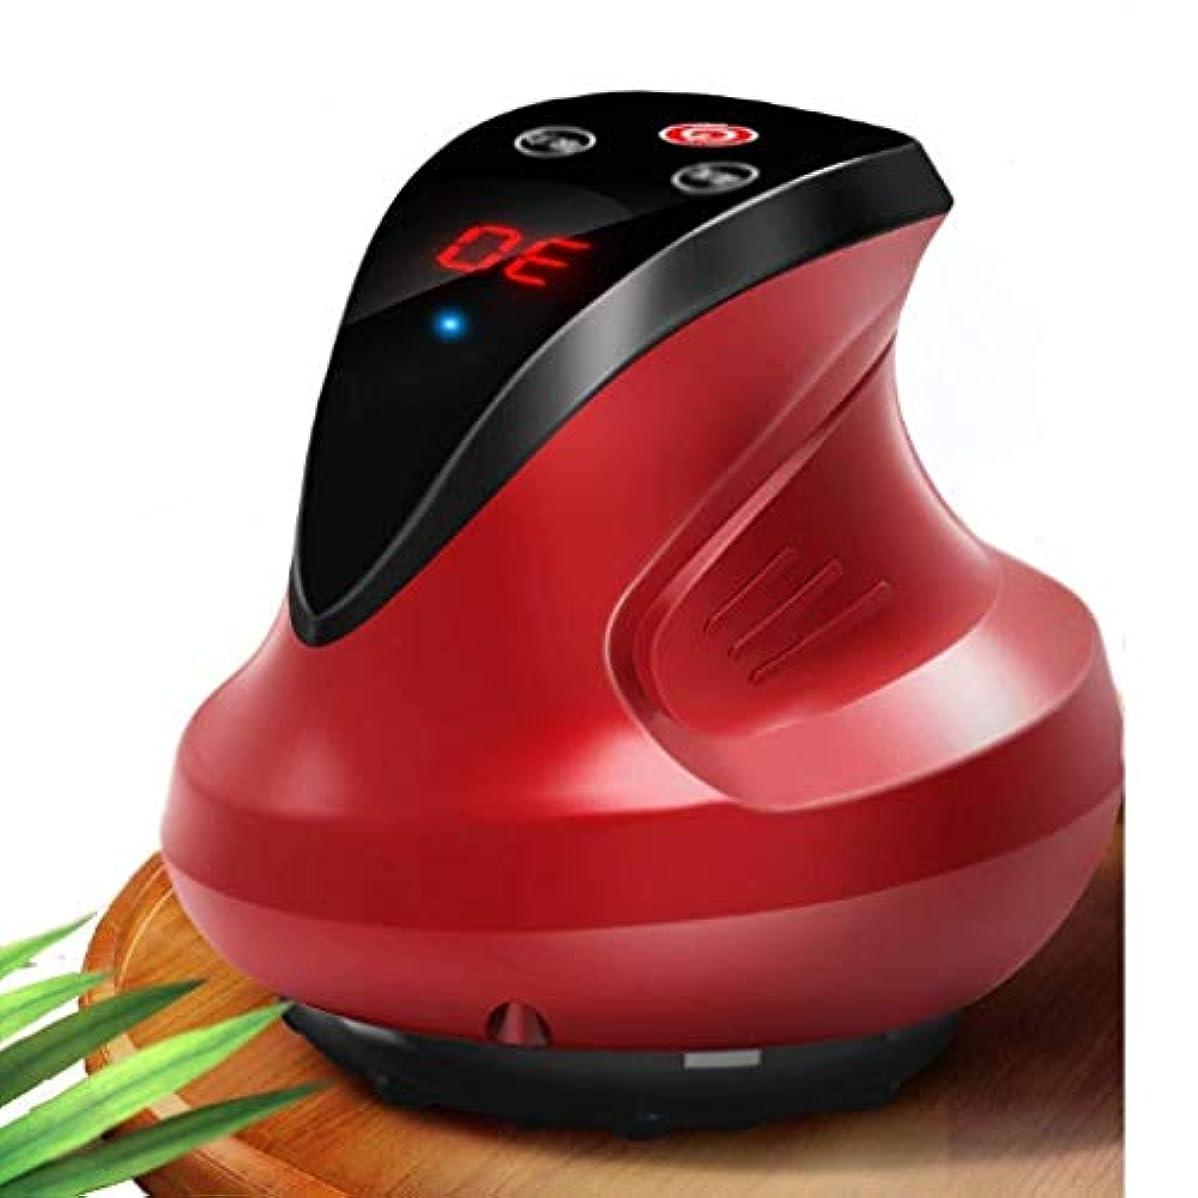 死動く夏電気グアシャマッサージ、加熱陰圧磁気療法、スクレーピングデトックスマッサージ、陰圧リンファデトックスSPAグアシャマッサージ (Color : 赤)